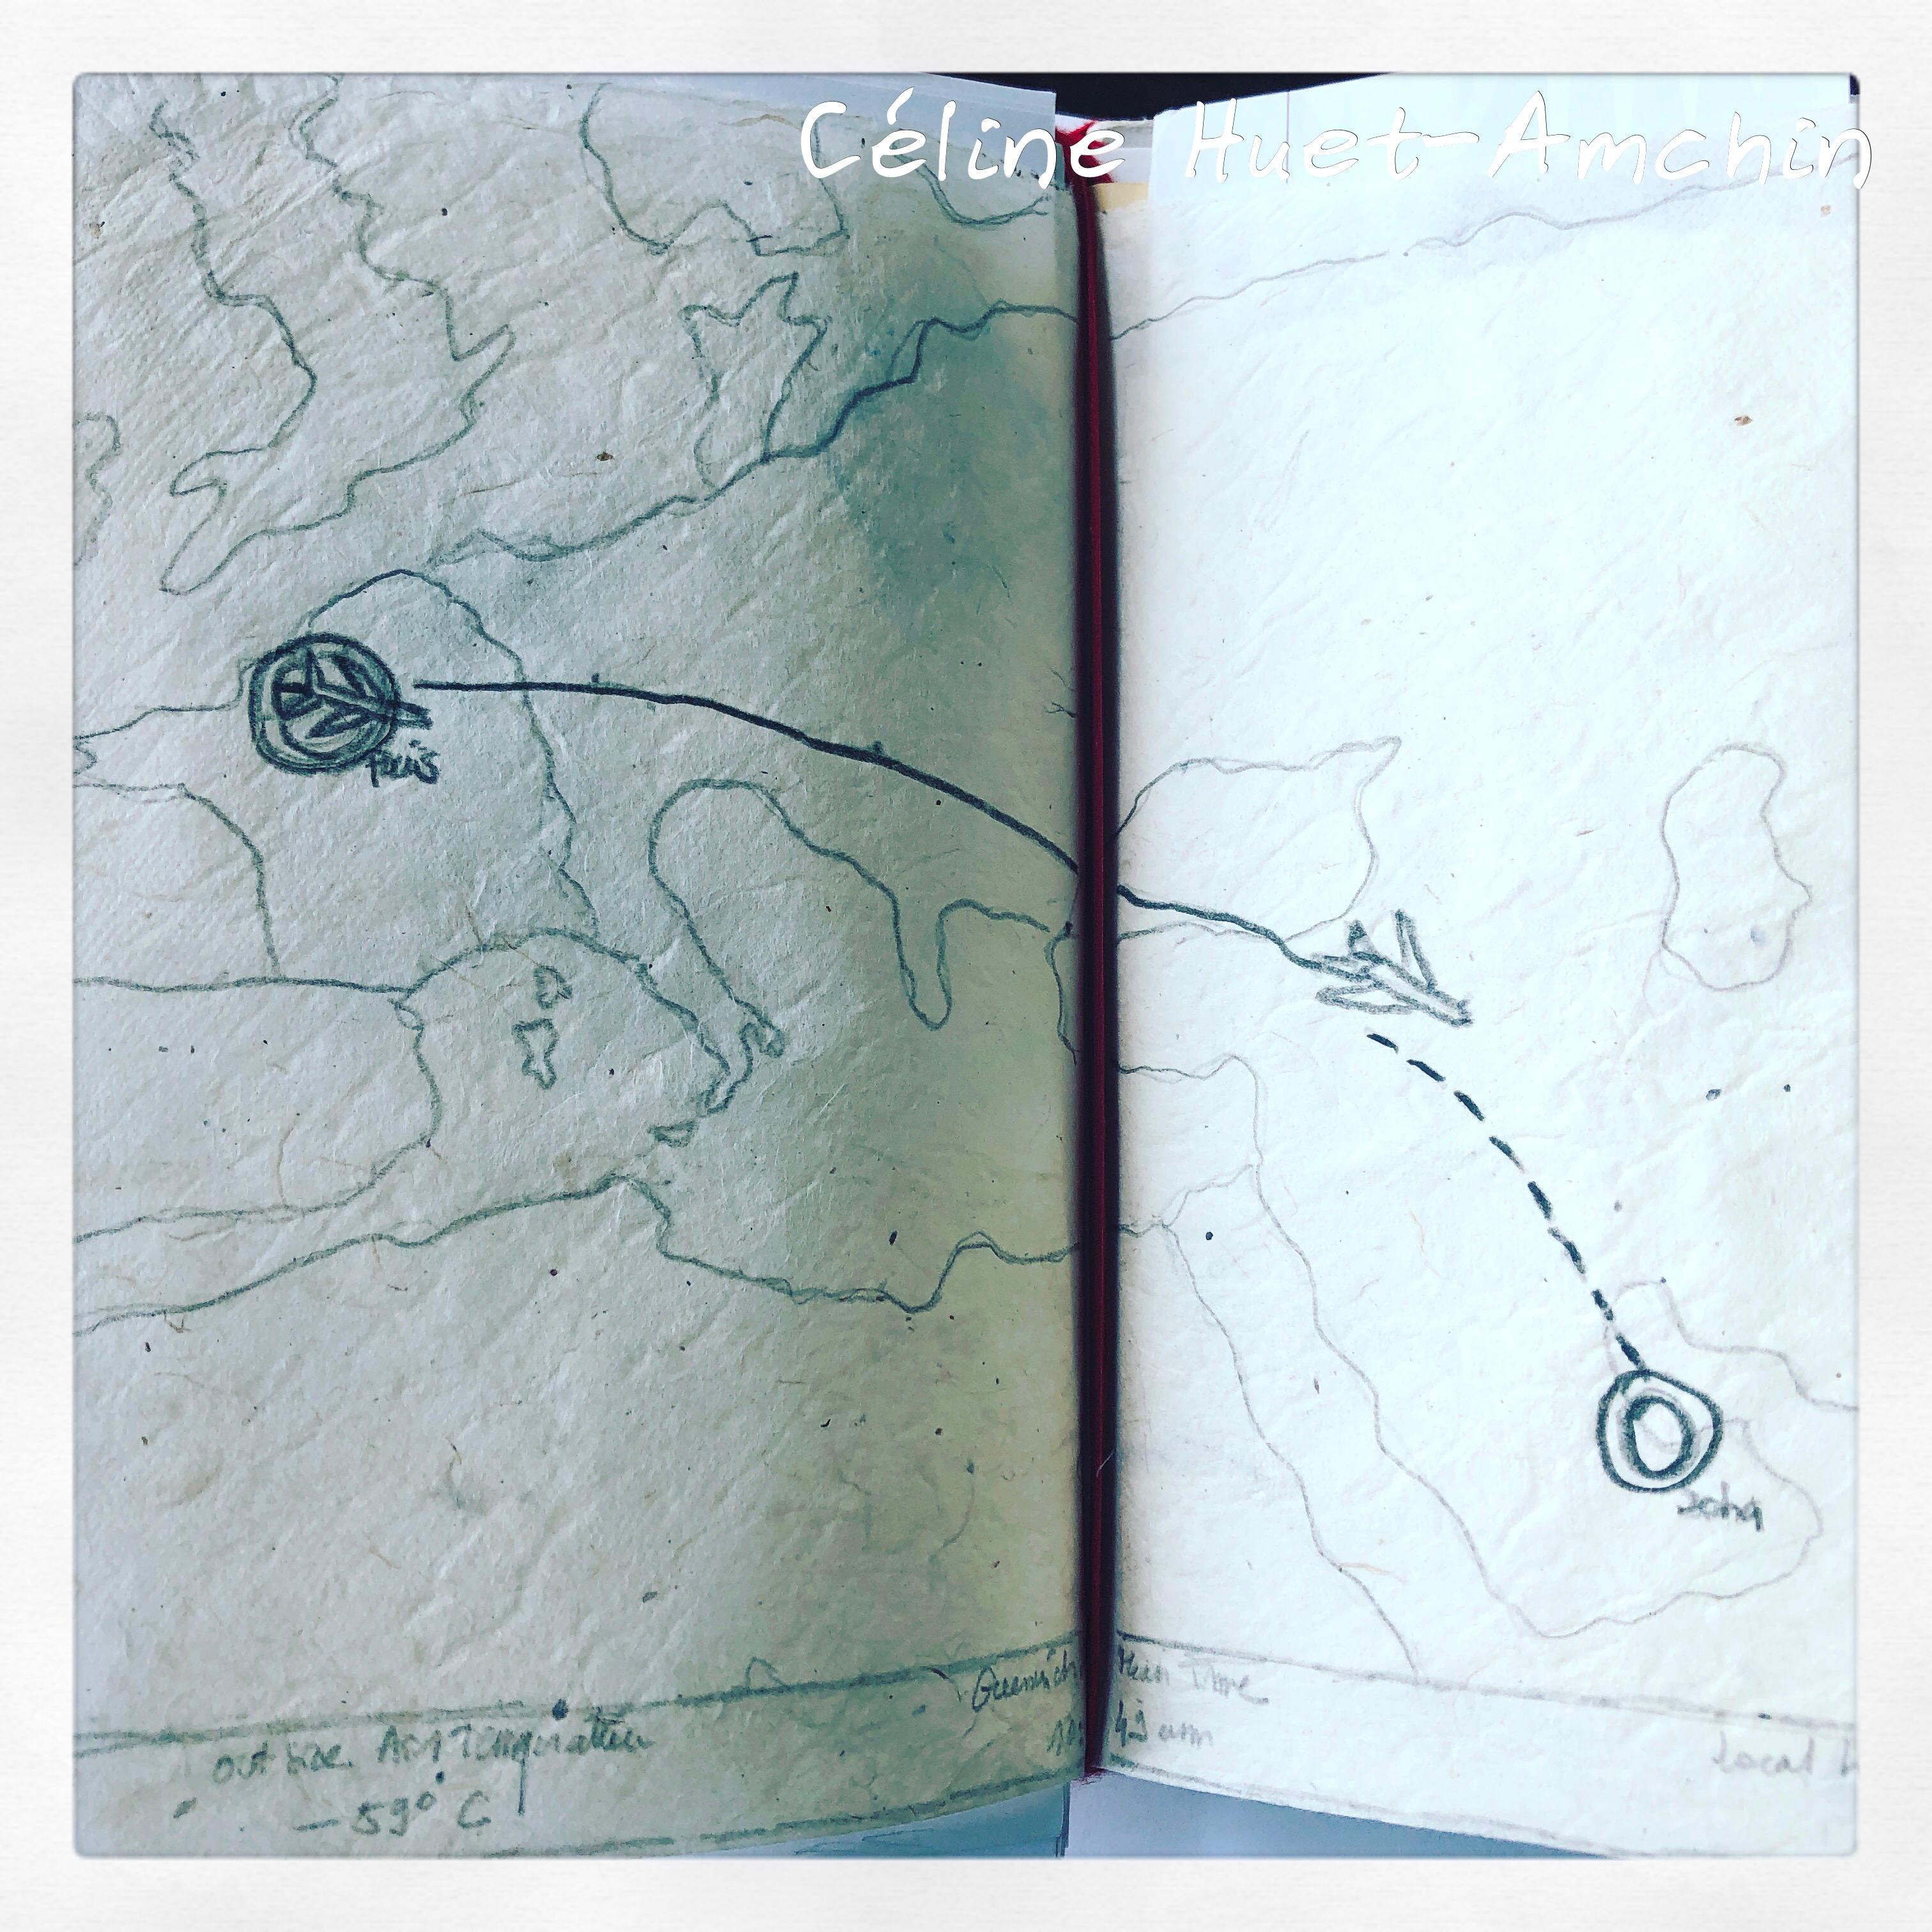 Carnet de voyage Instantanés d'Asie II Céline Huet-Amchin